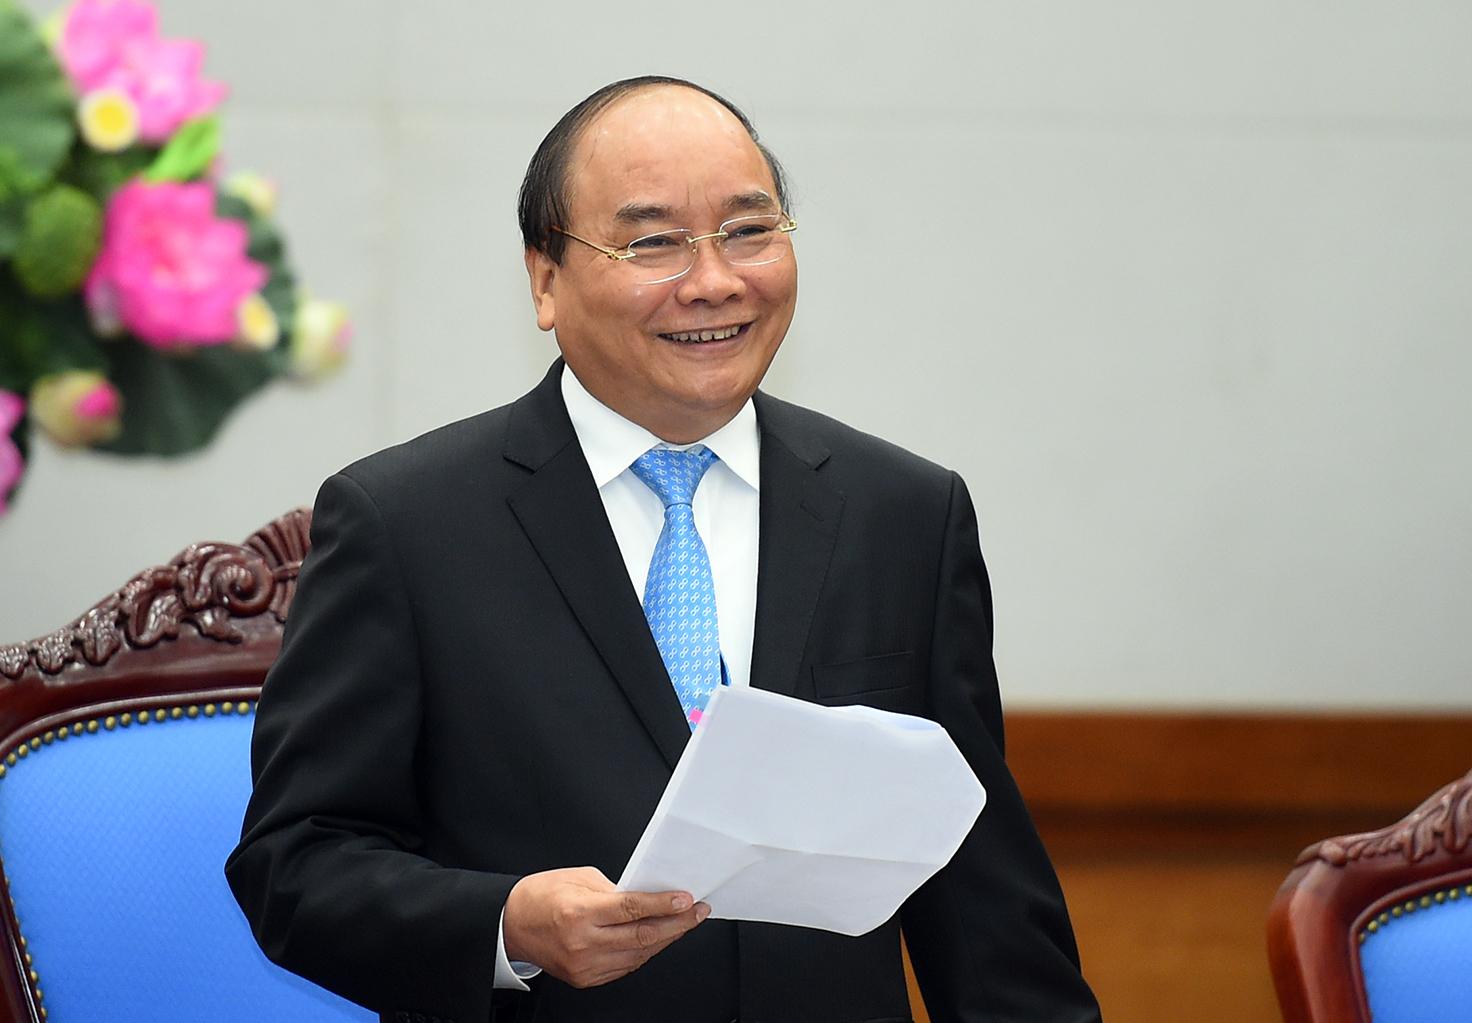 Thủ tướng,Thủ tướng Nguyễn Xuân Phúc,Nguyen Xuan Phuc,doanh nghiệp,báo chí